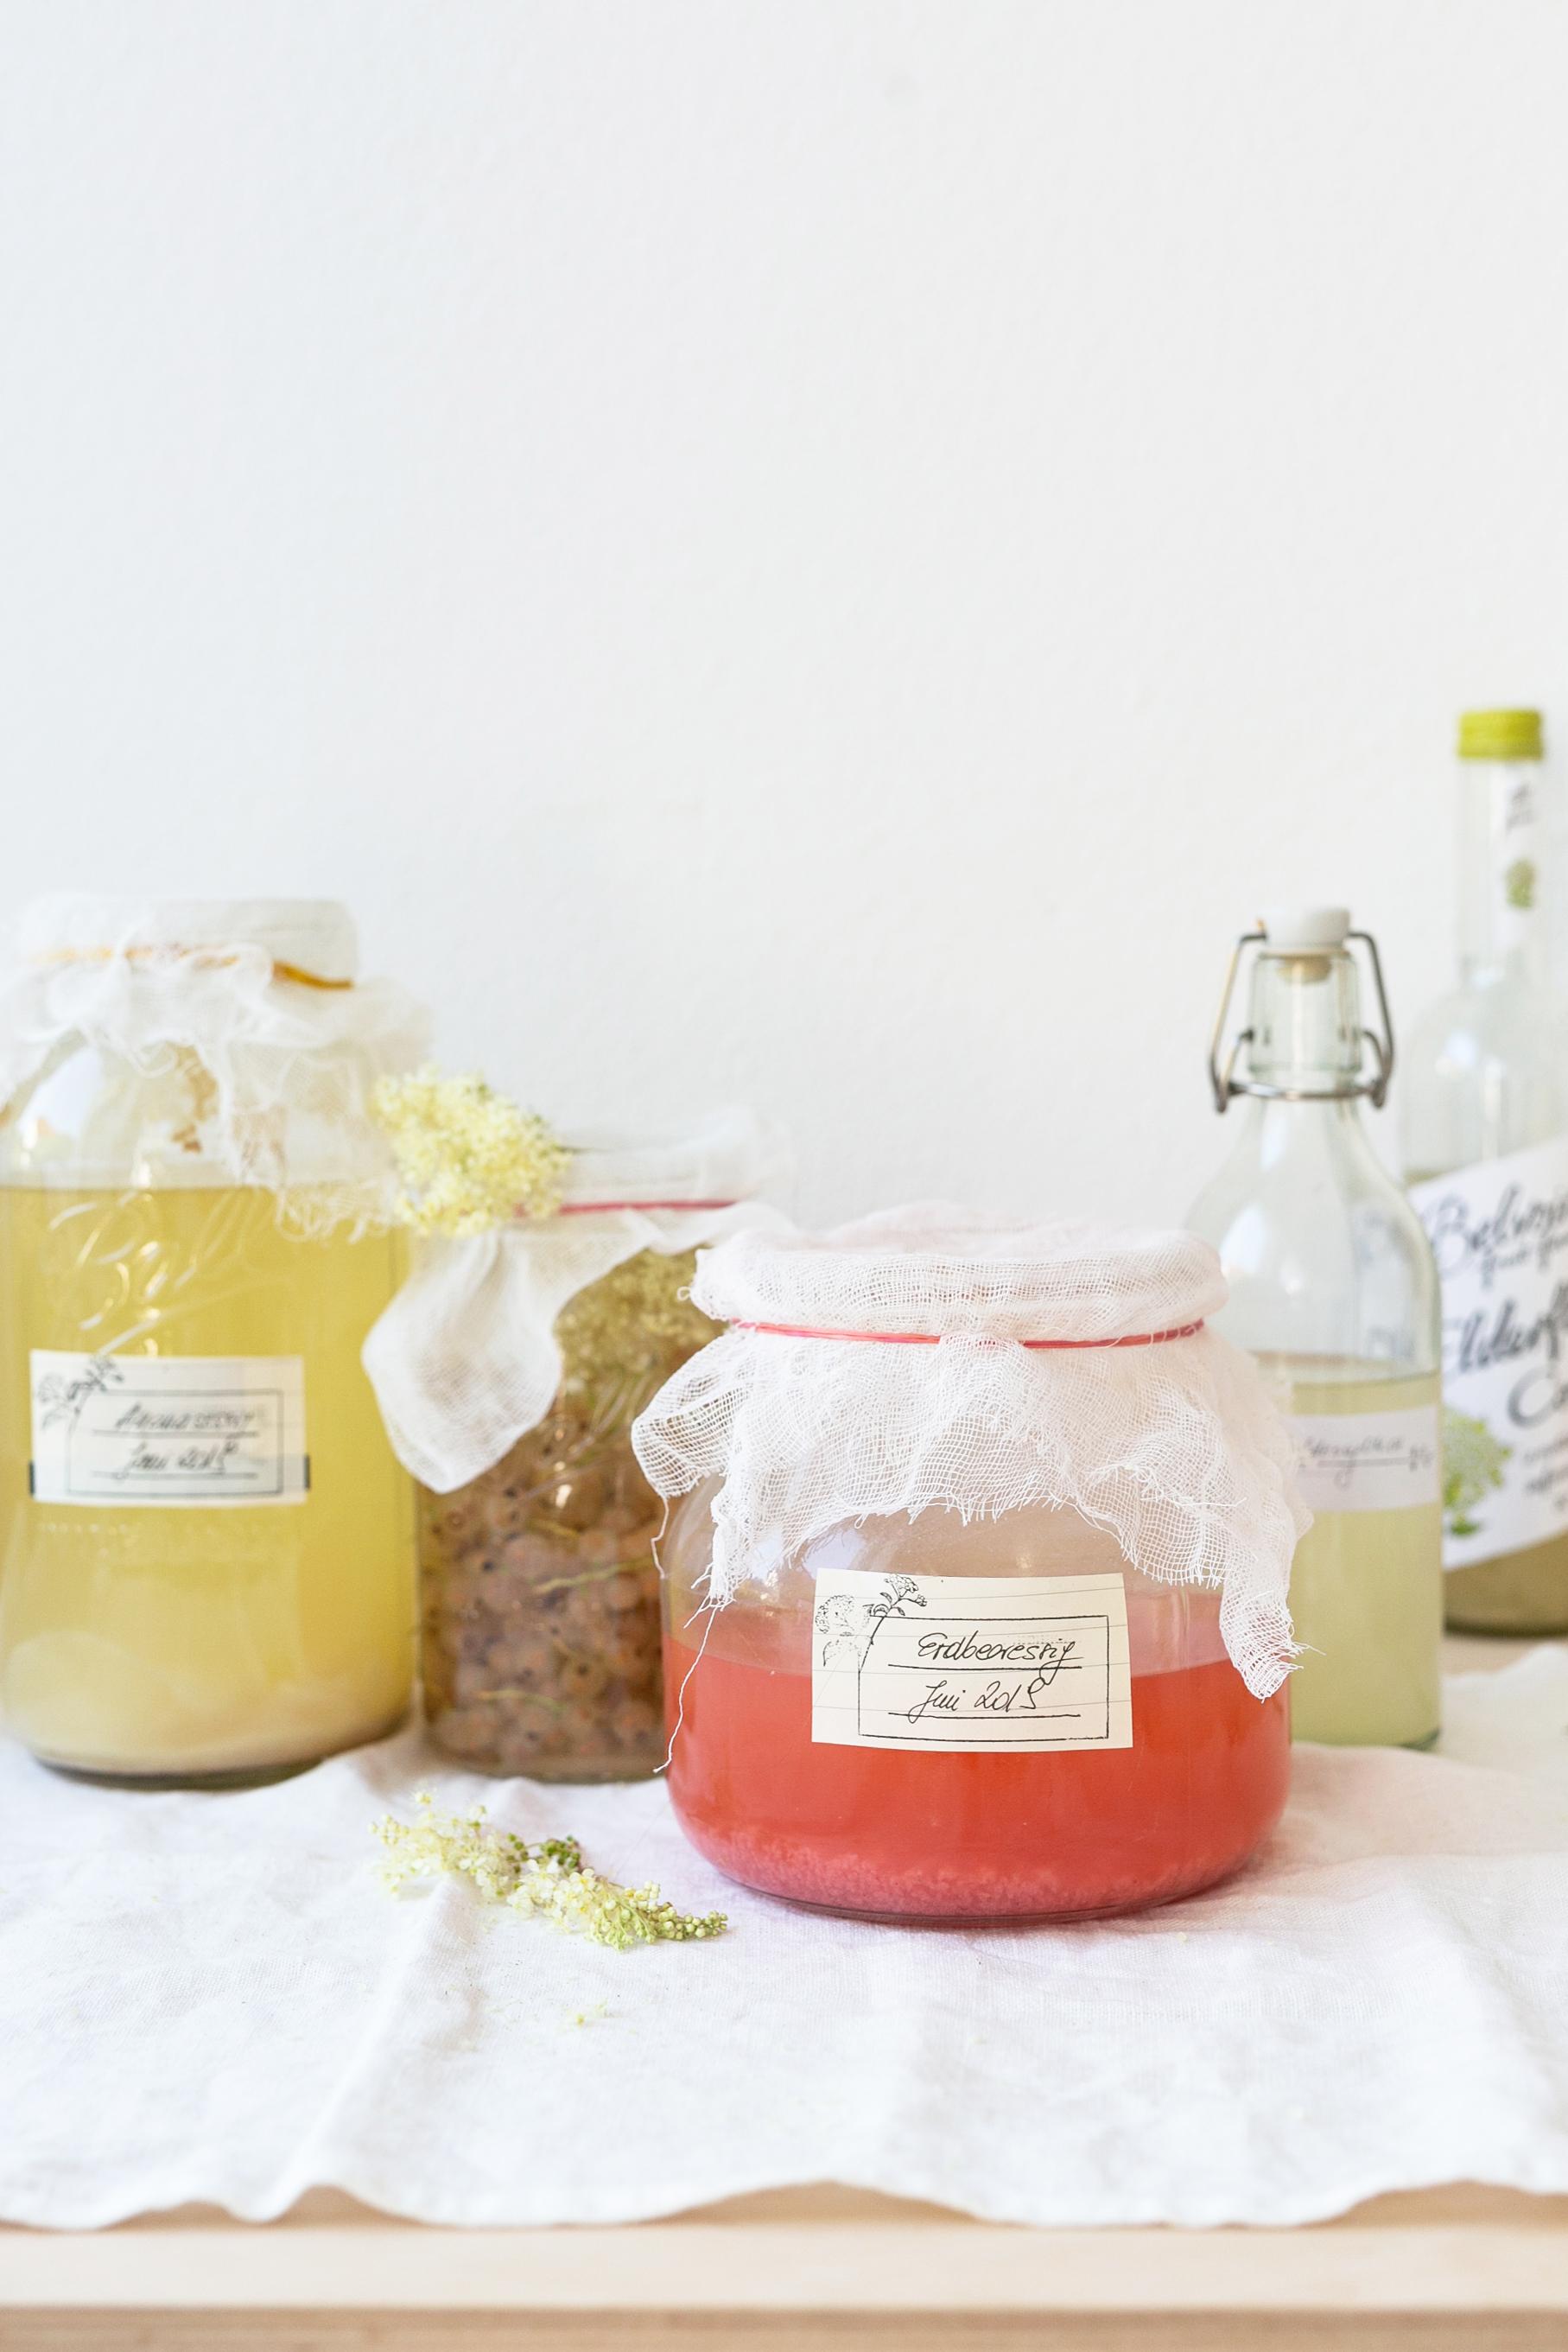 Erdbeeressig selber machen aus frischen Erdbeeren | Gesunde vegane Rezepte, Fermentation, Nachhaltigkeit - Syl Gervais